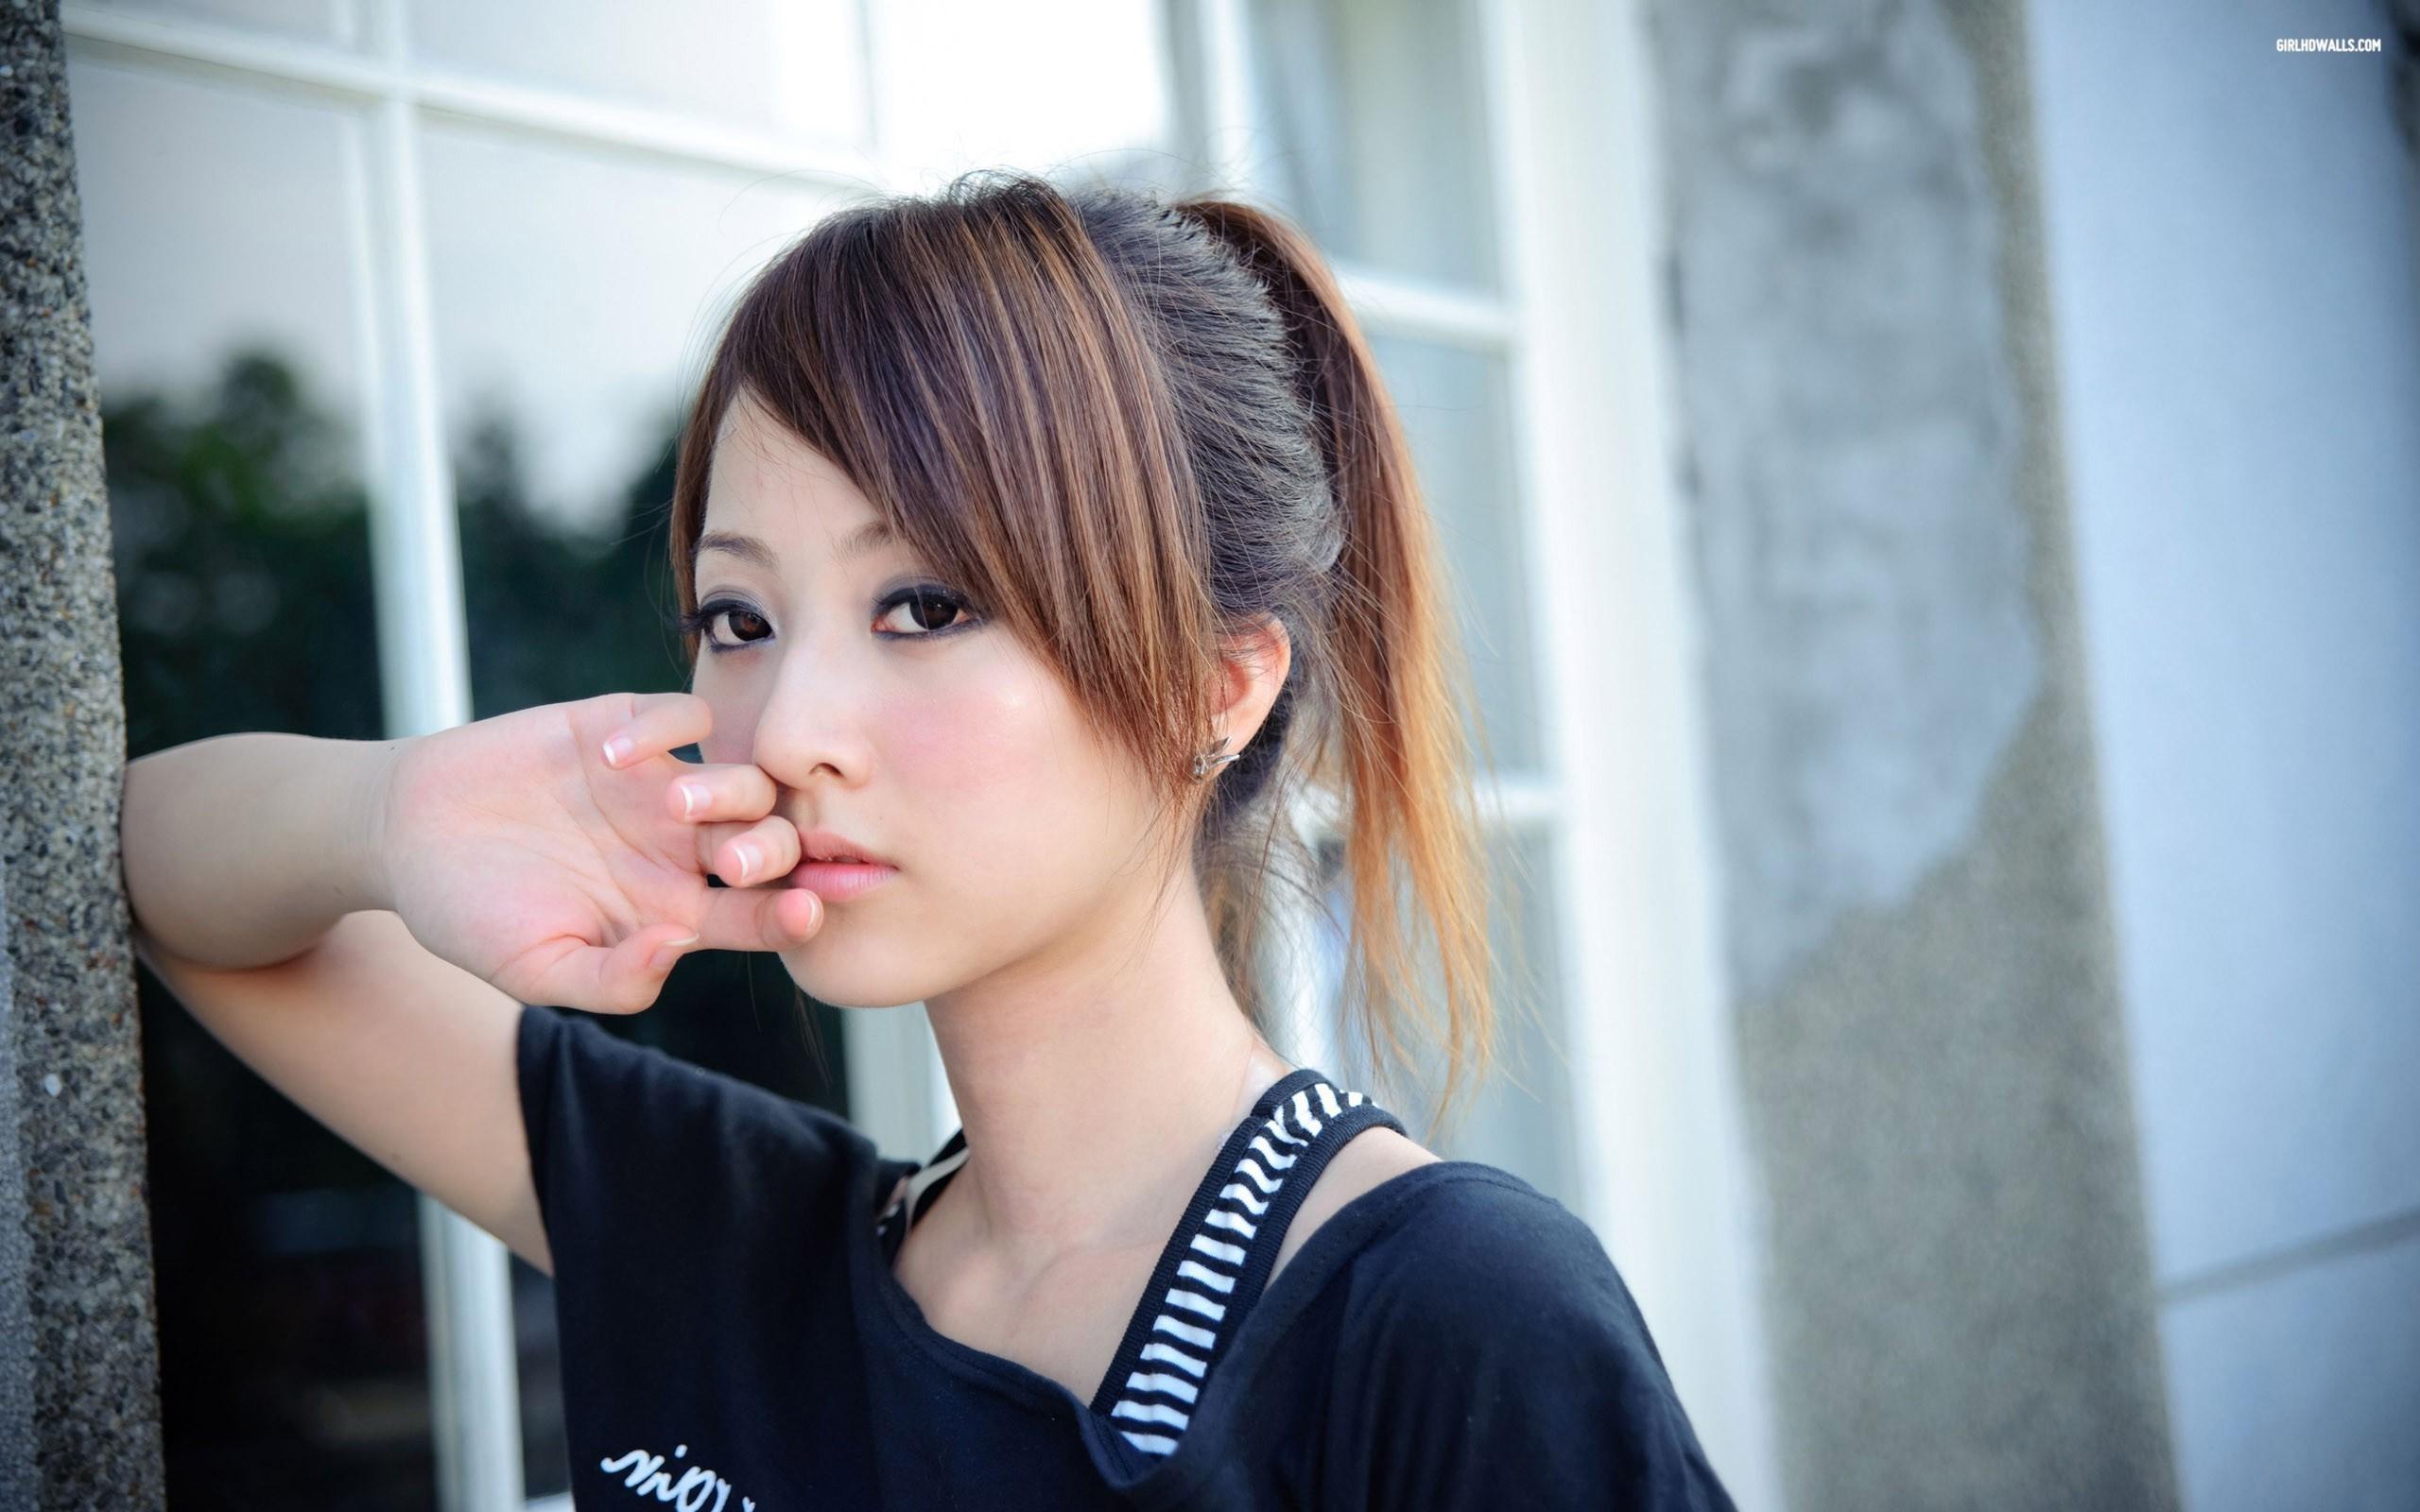 Mikako Zhang wallpaper 2560x1600 68205 2560x1600